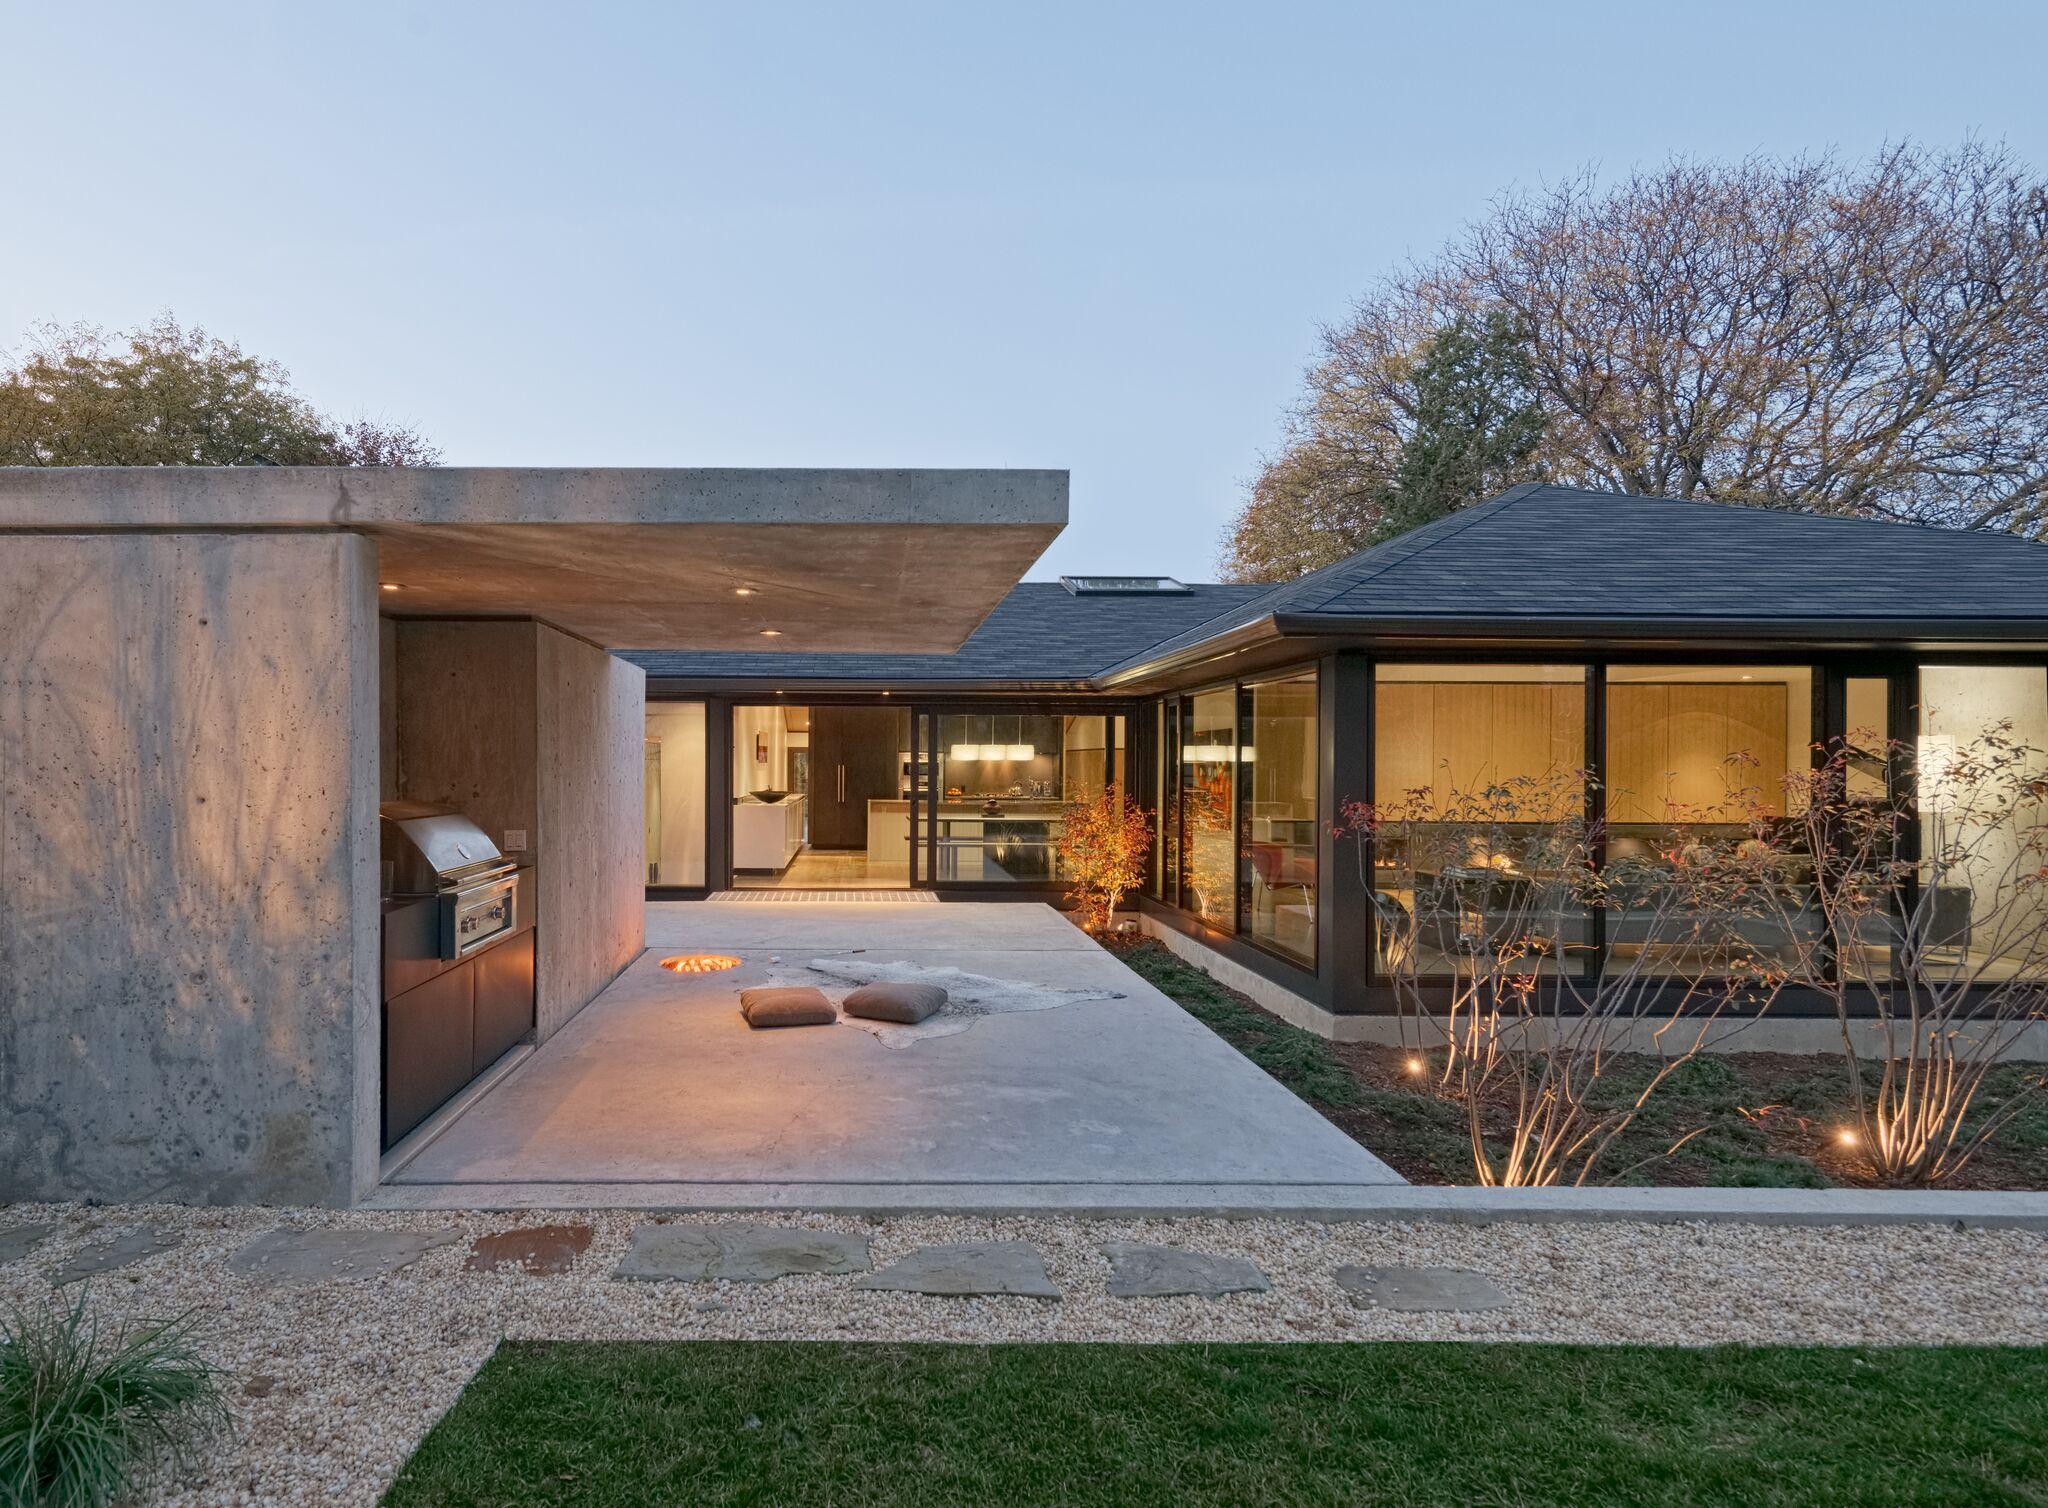 Abenbare House Exterior Backyard